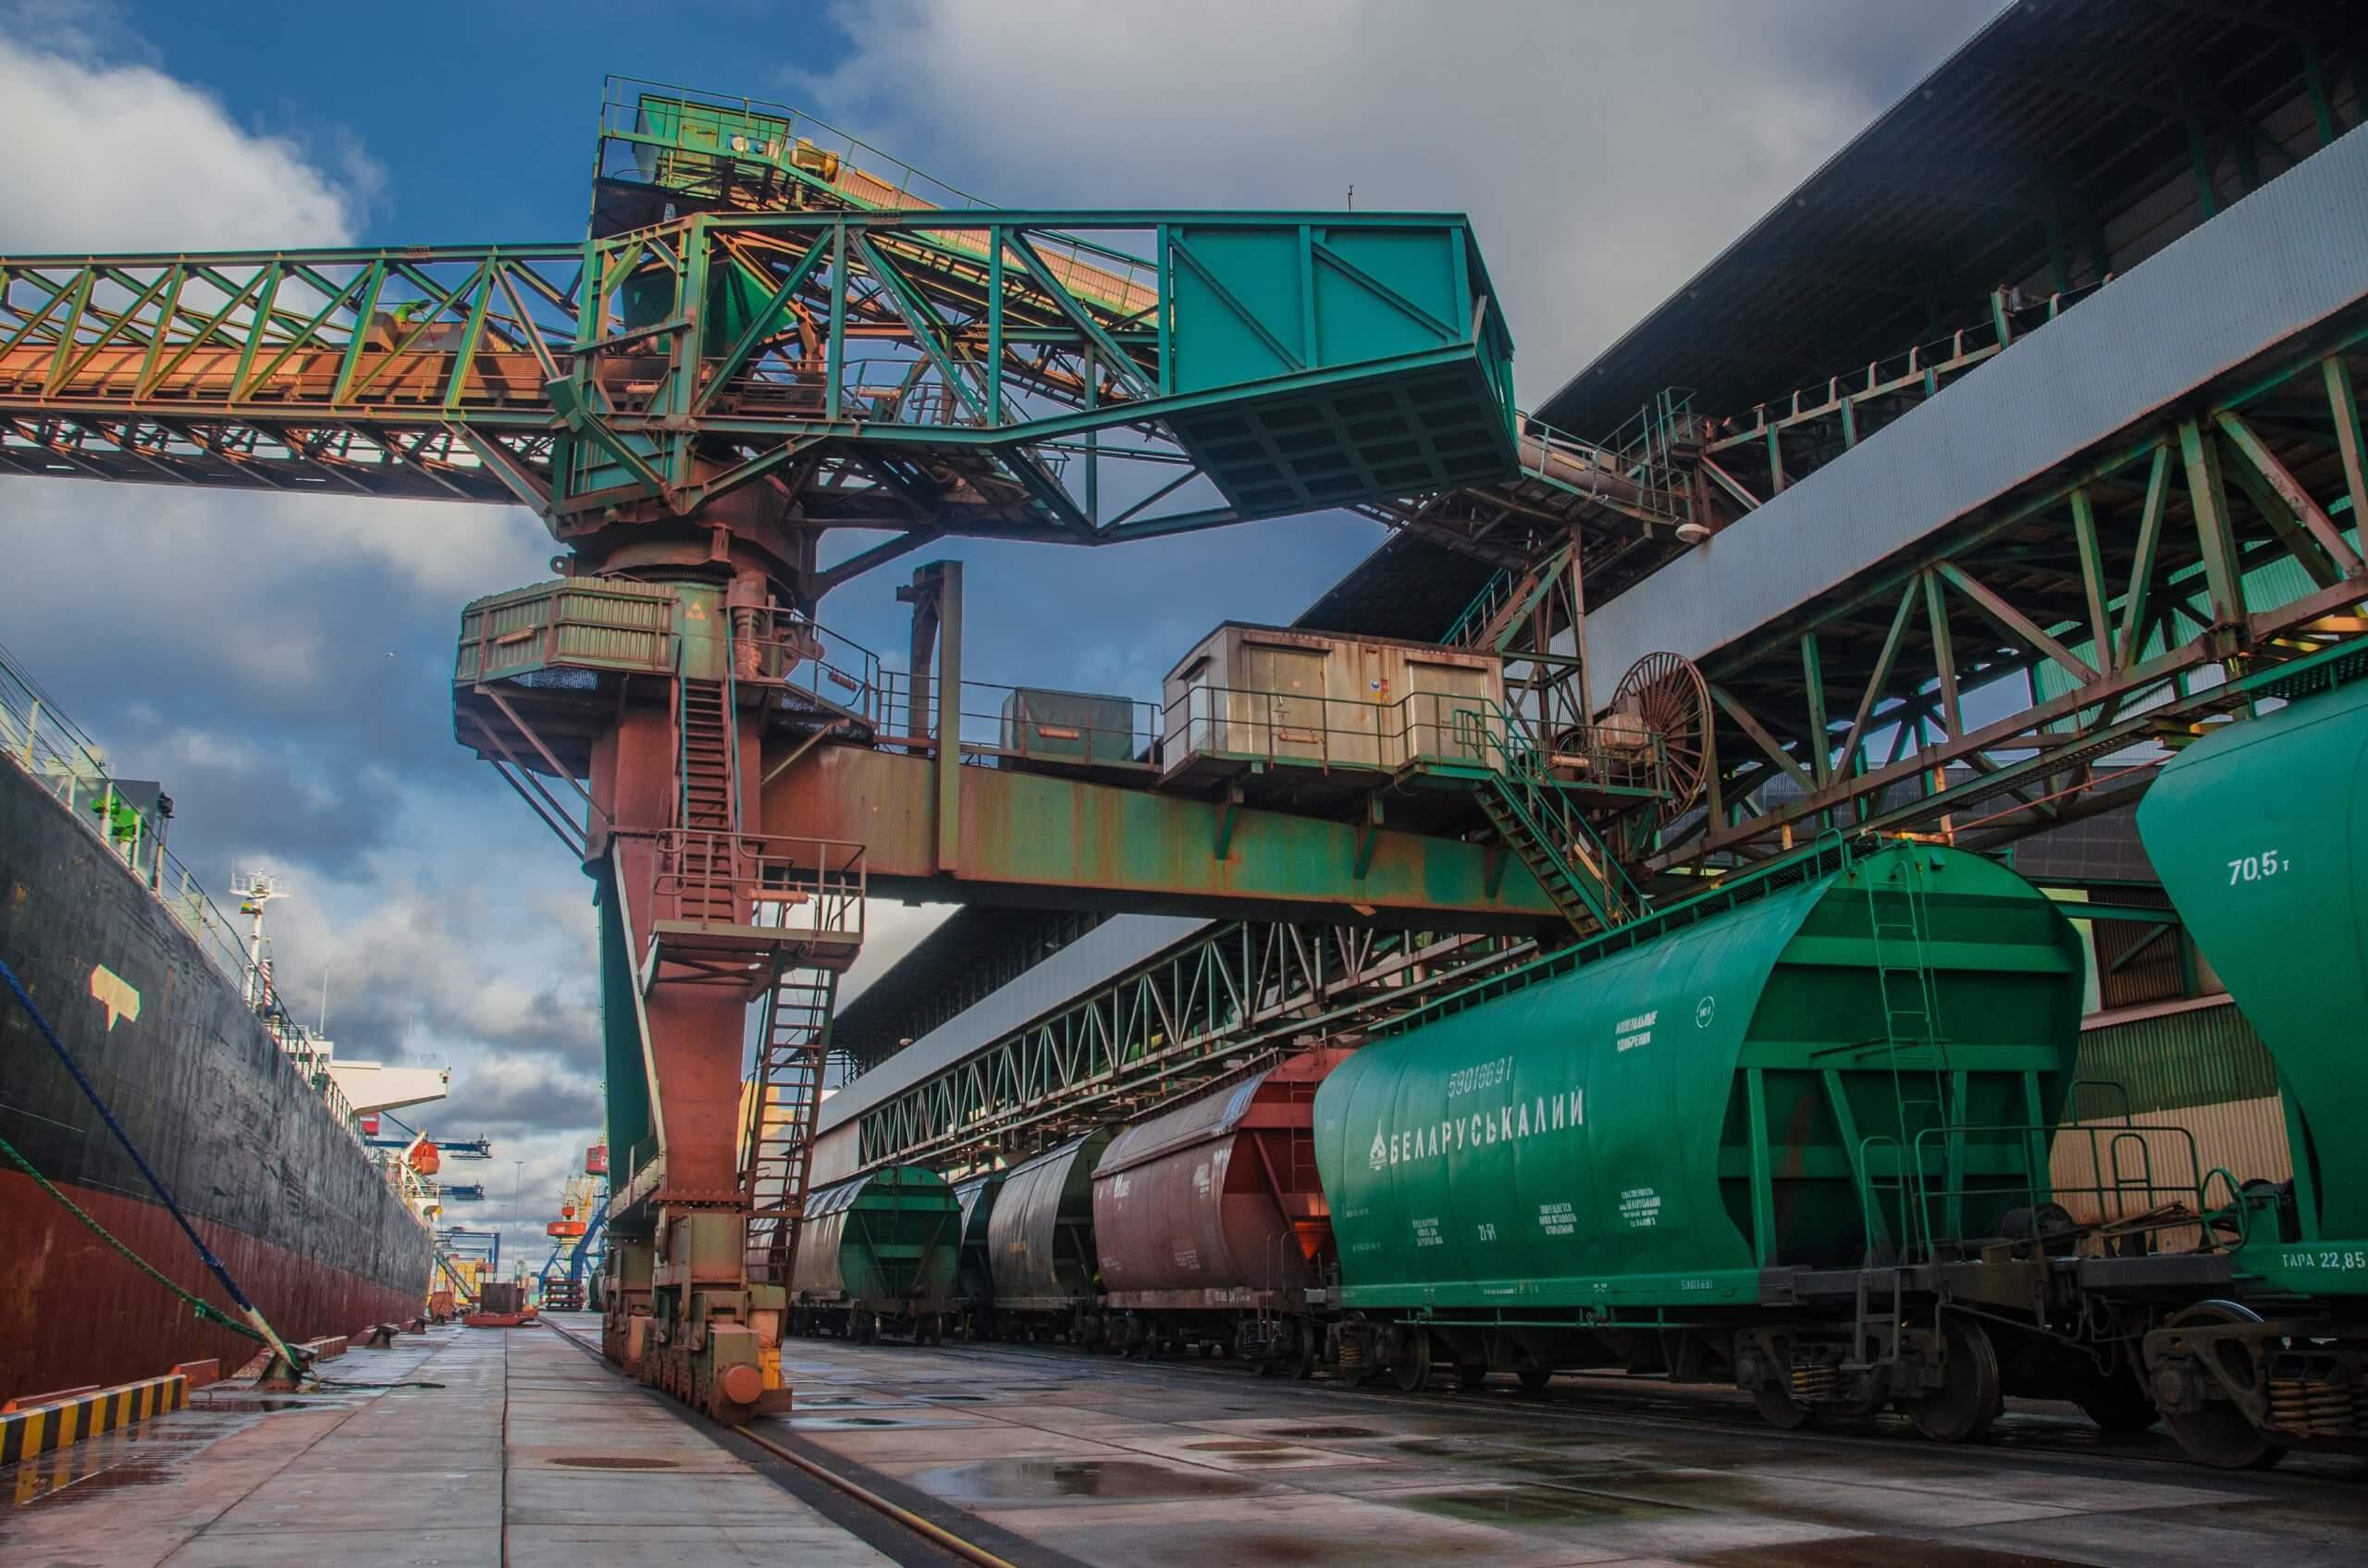 Лукашенко грозит Литве переориентировать потоки с Клайпеды на другие порты 3